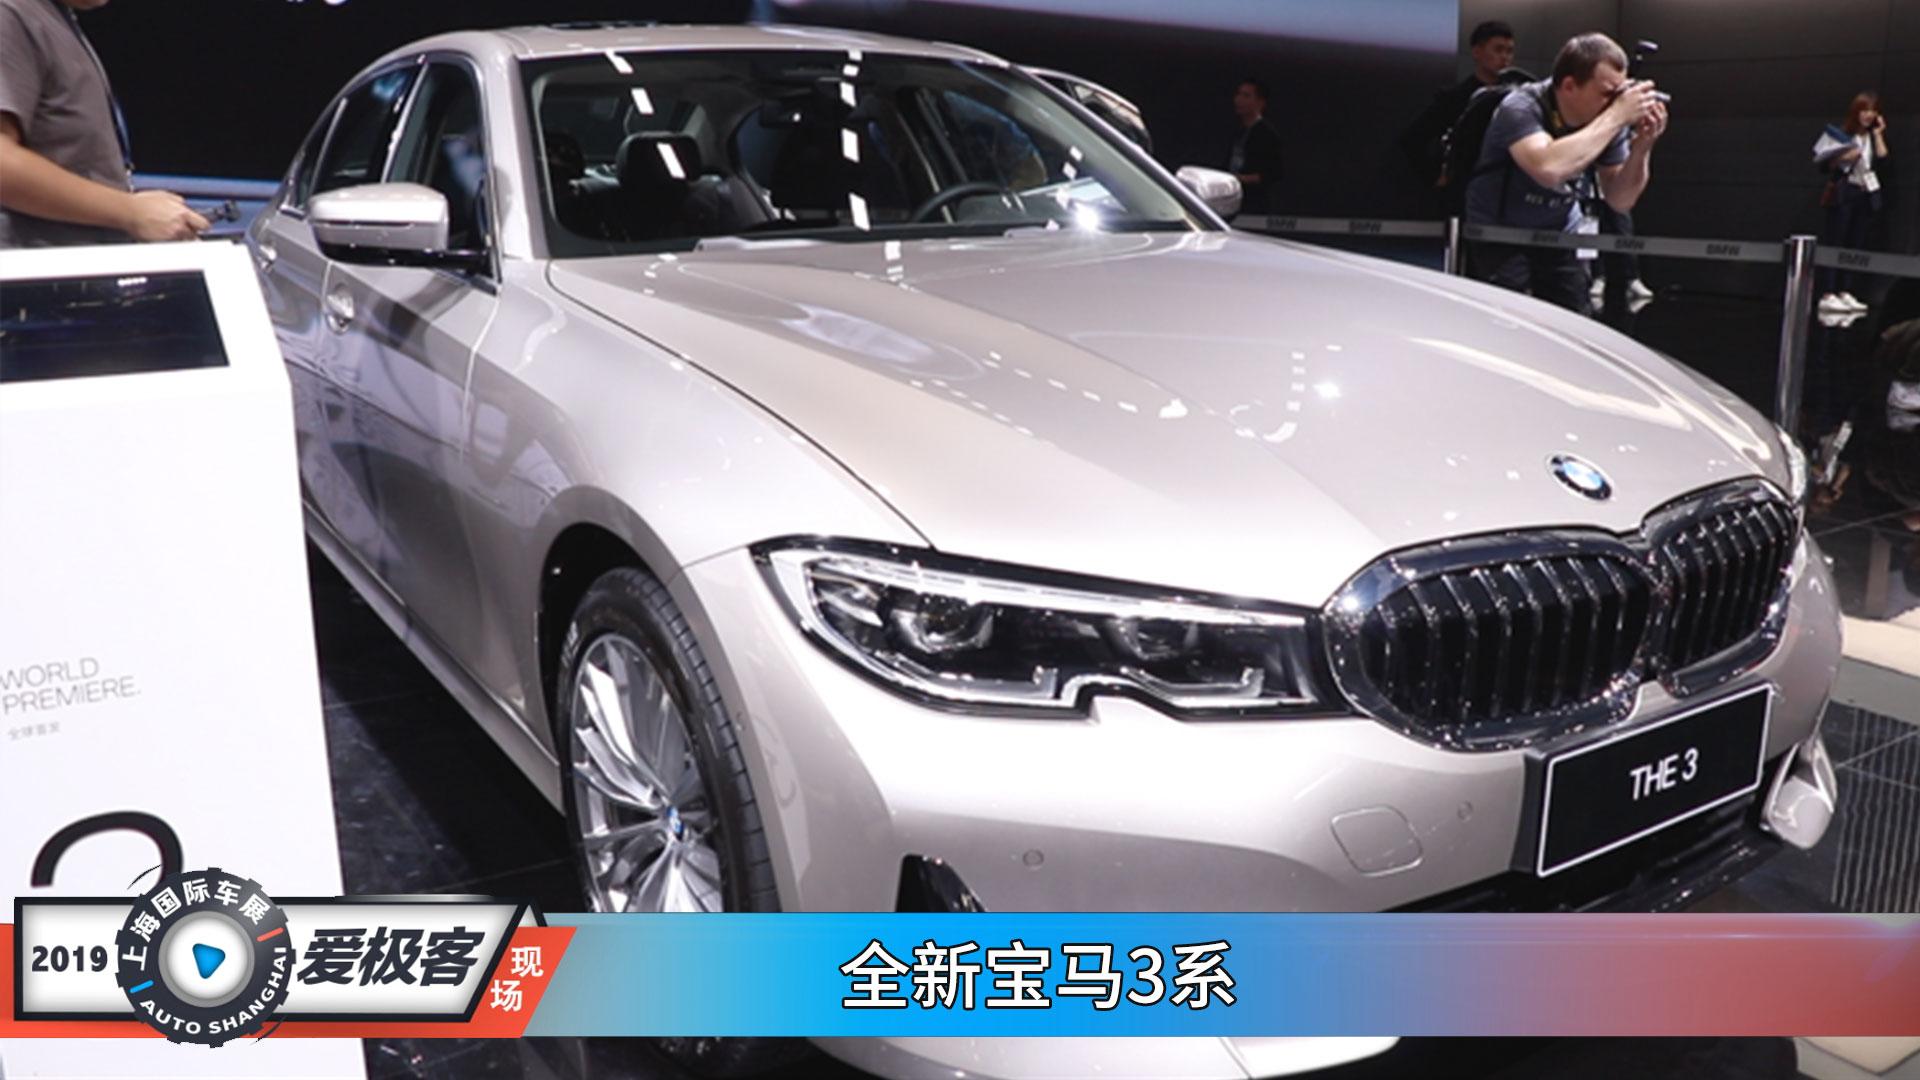 2019上海车展 爆款蓝天白云梦 全新宝马3系